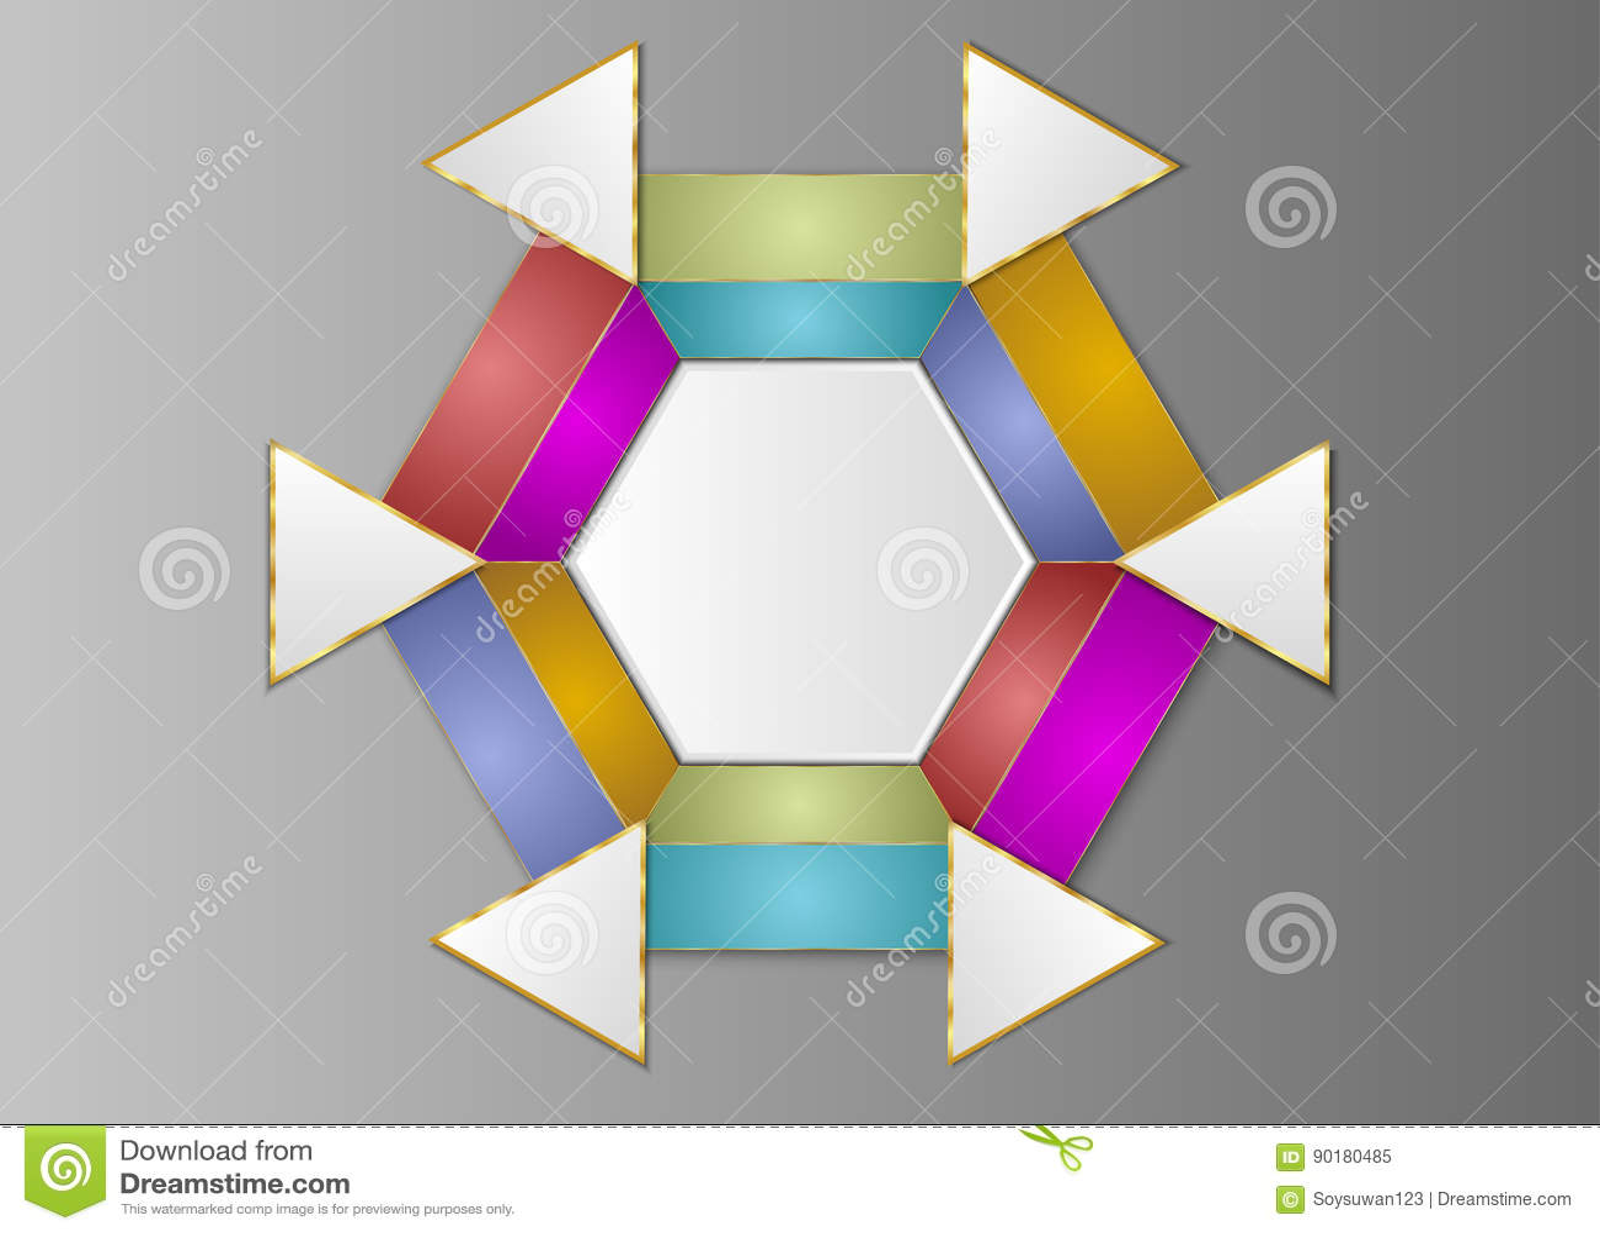 Hexagon Template   Hexagon Template Hexagon Label Blank For Design Stock Vector